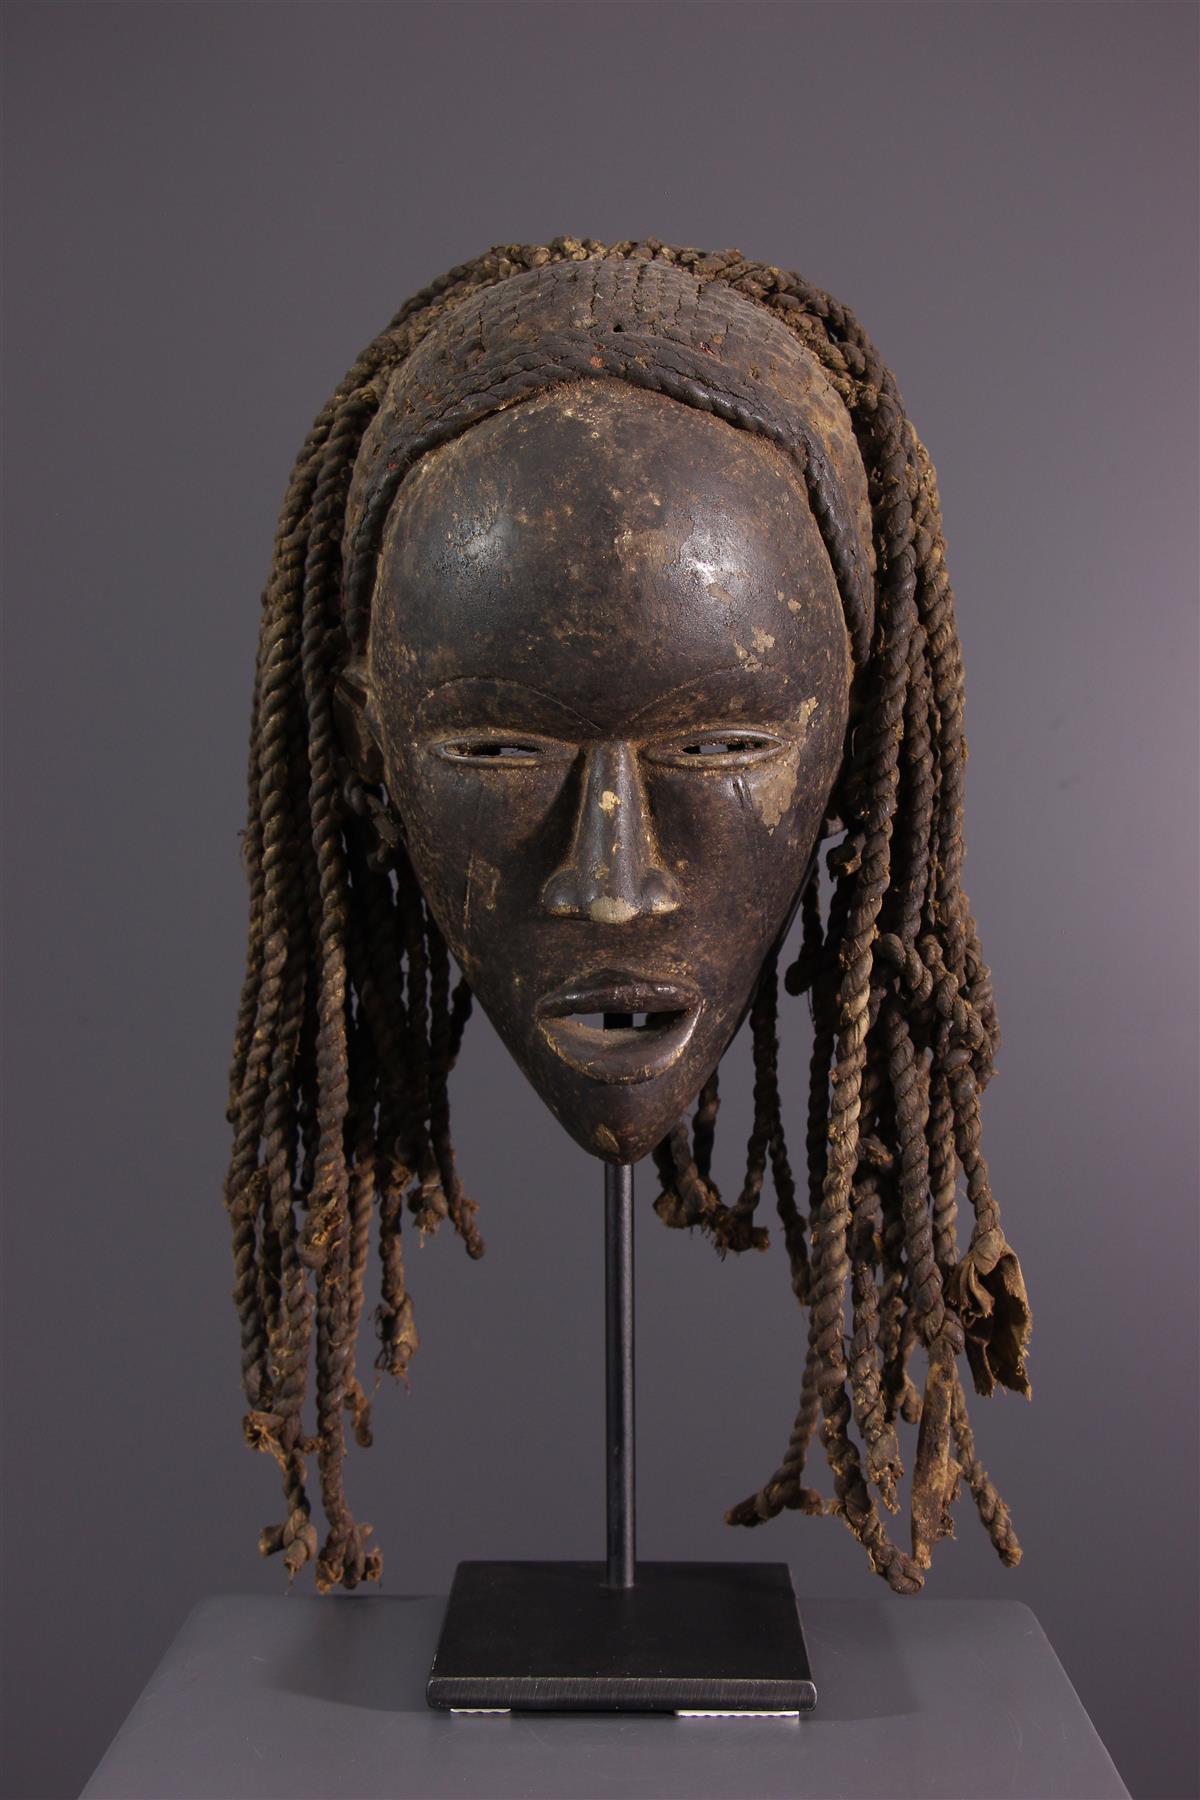 Tschokwe mask - Tribal art